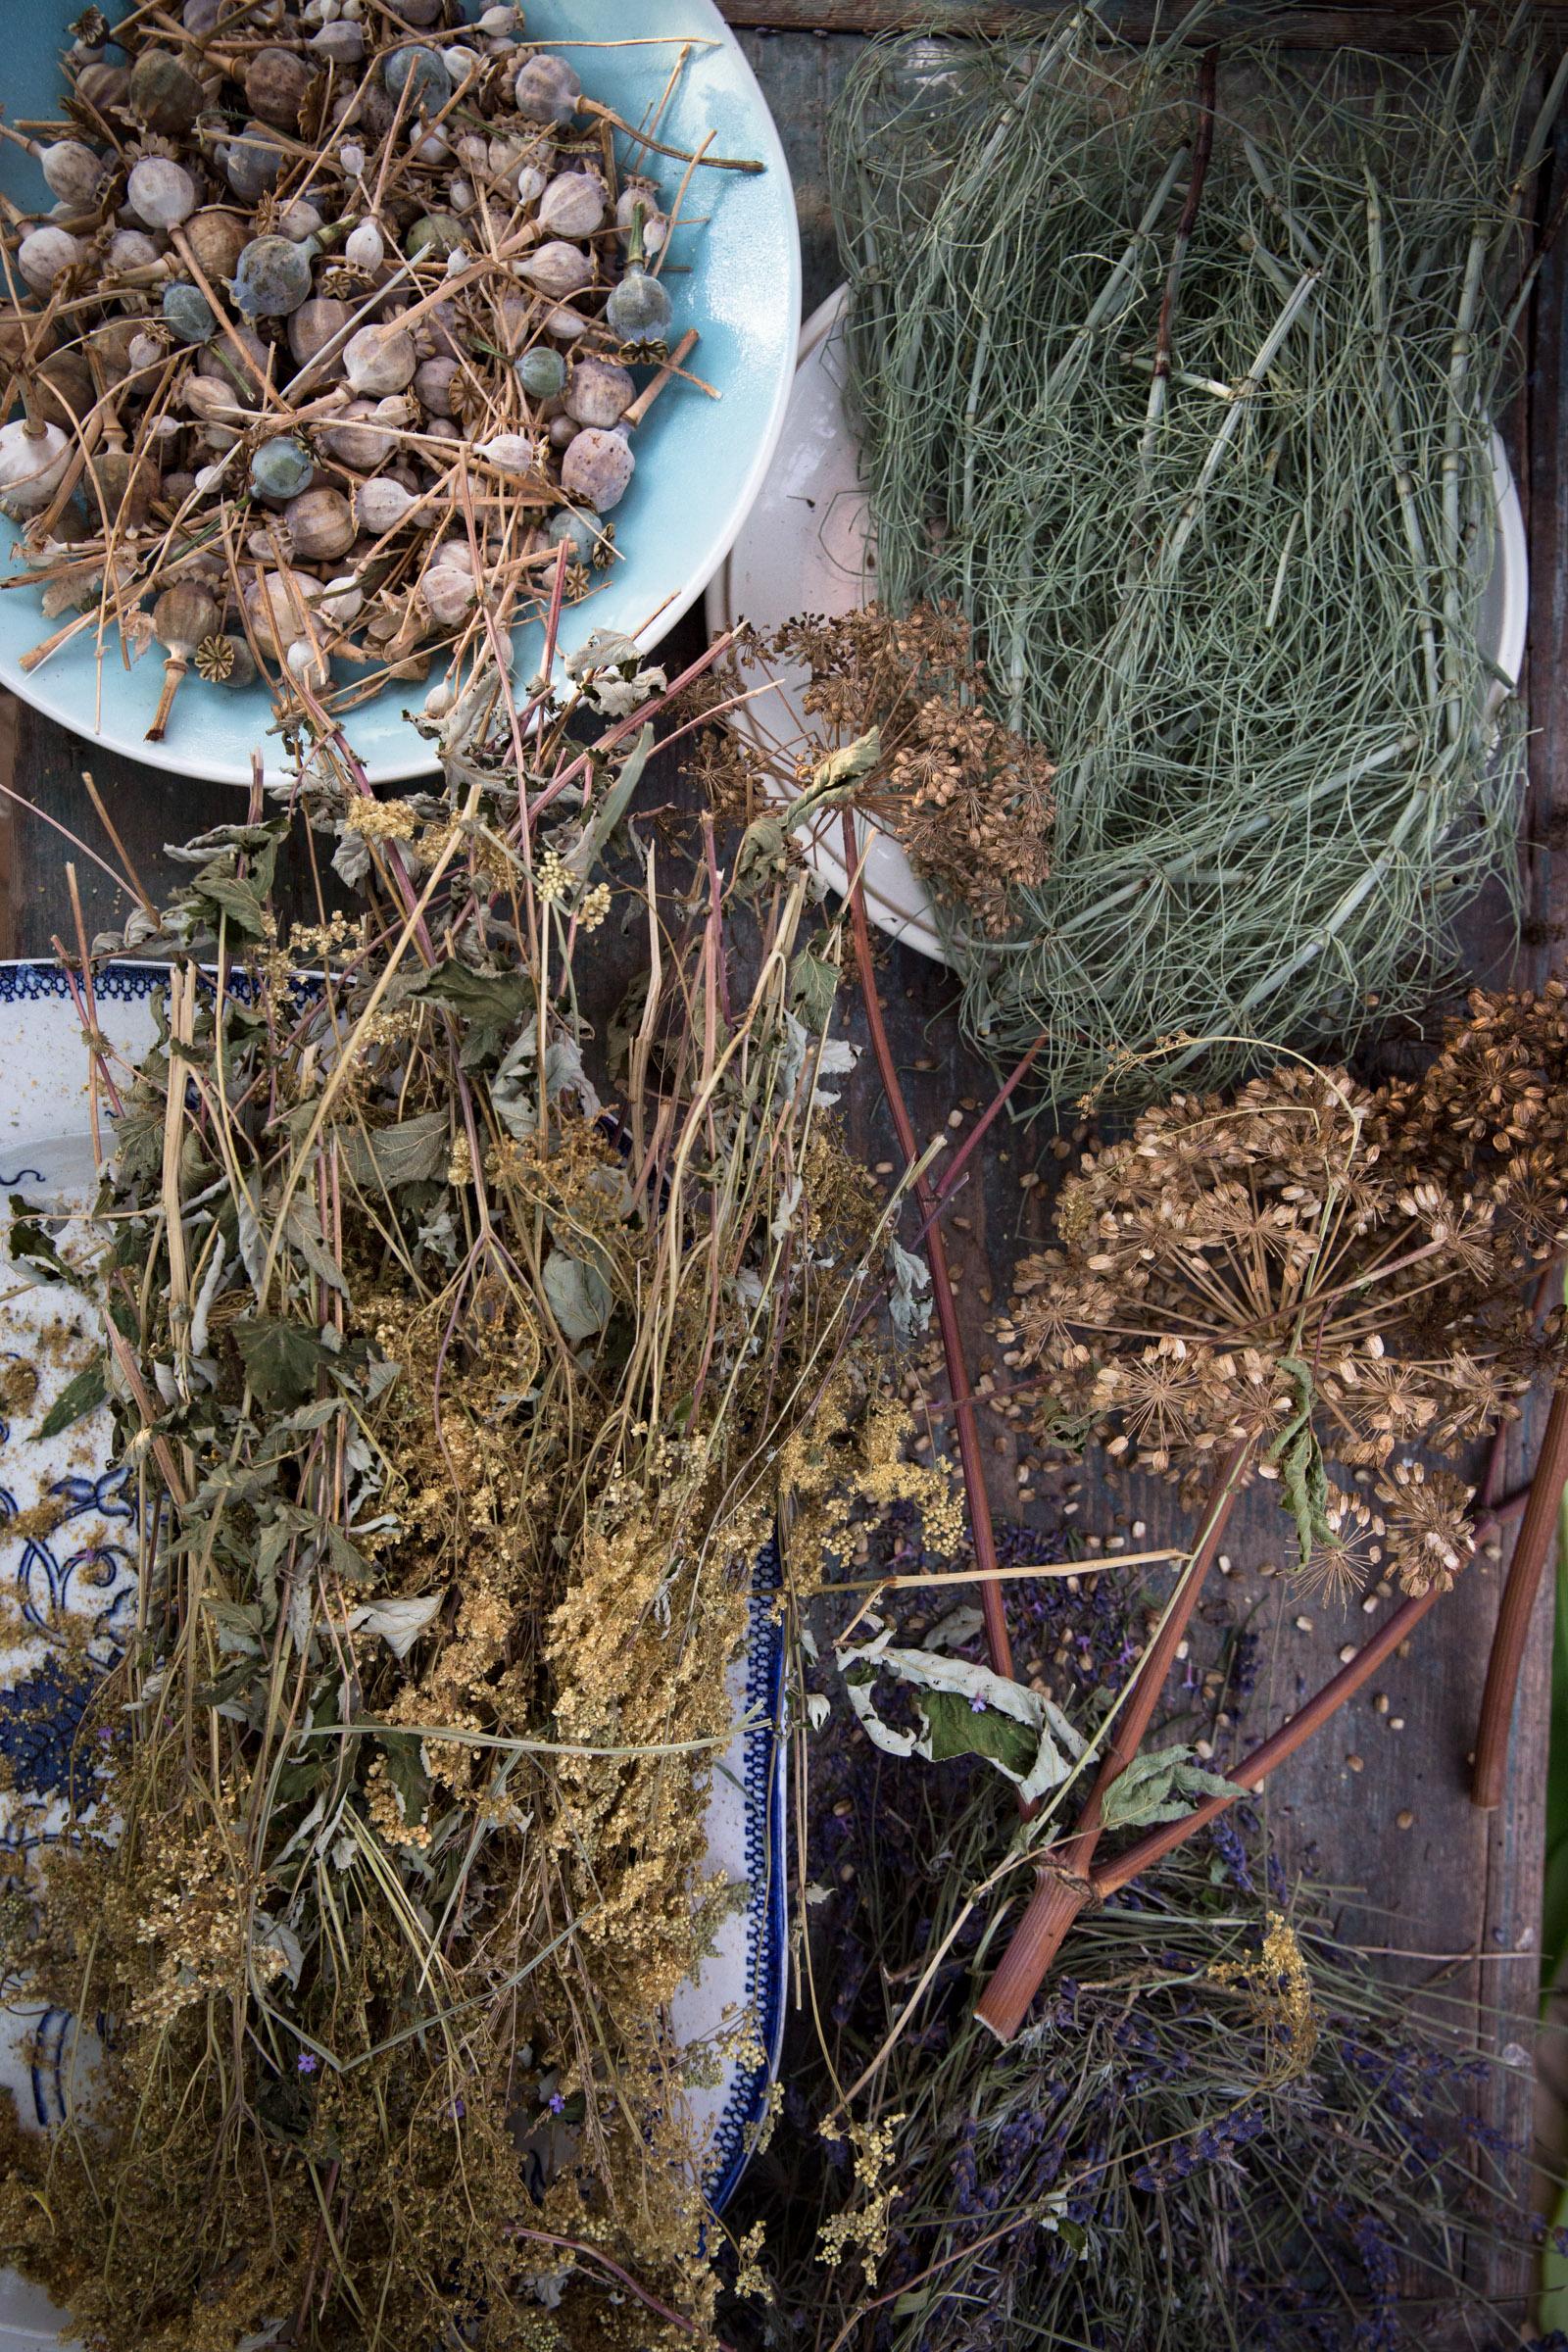 Verschiedene Gewürze und getrocknete Pflanzen